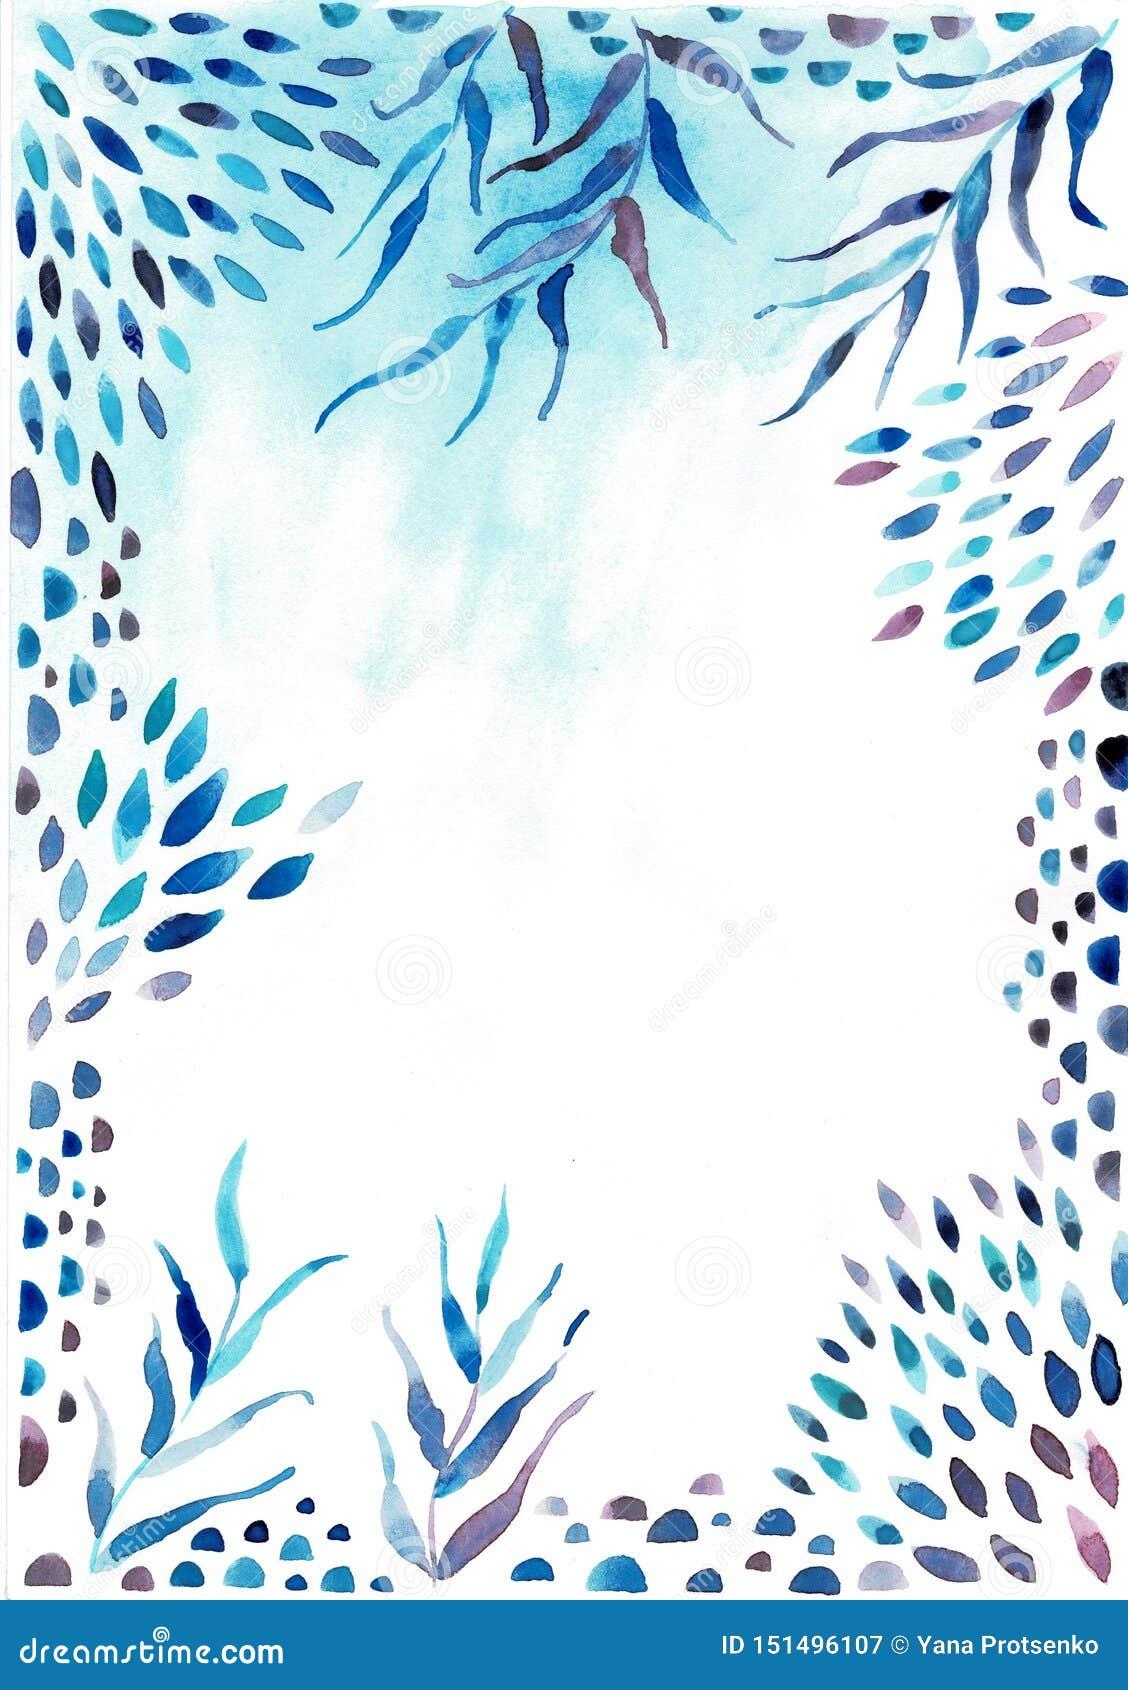 Граница рамки акварели Текстура с зелеными цветами, ветвь, листья, тропические листья, листва Улучшите для свадьбы, приглашений